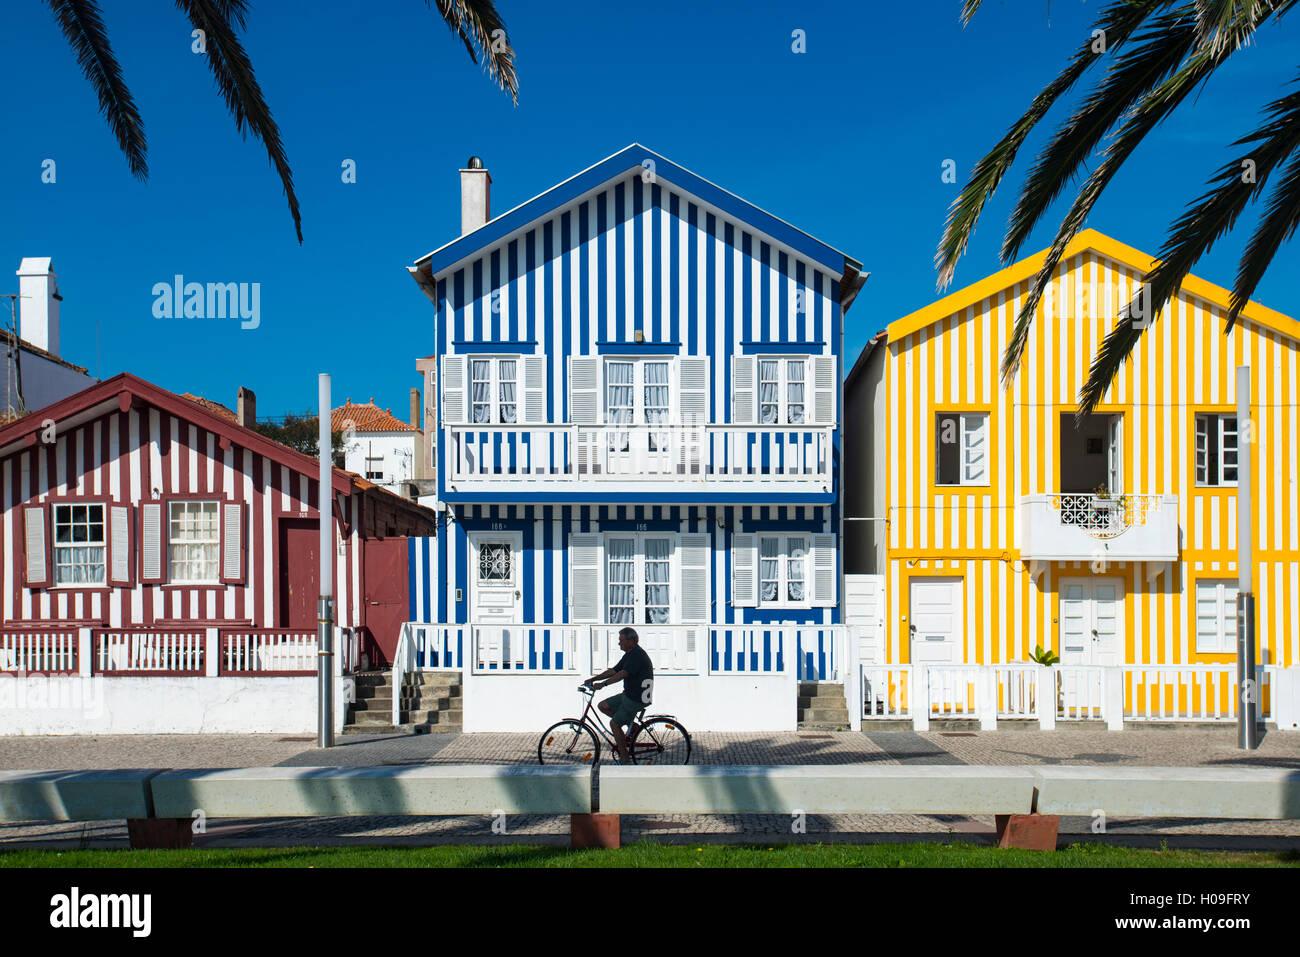 Bunte Streifen schmücken traditionelle Beach-Haus-Stil auf Häuser in ...